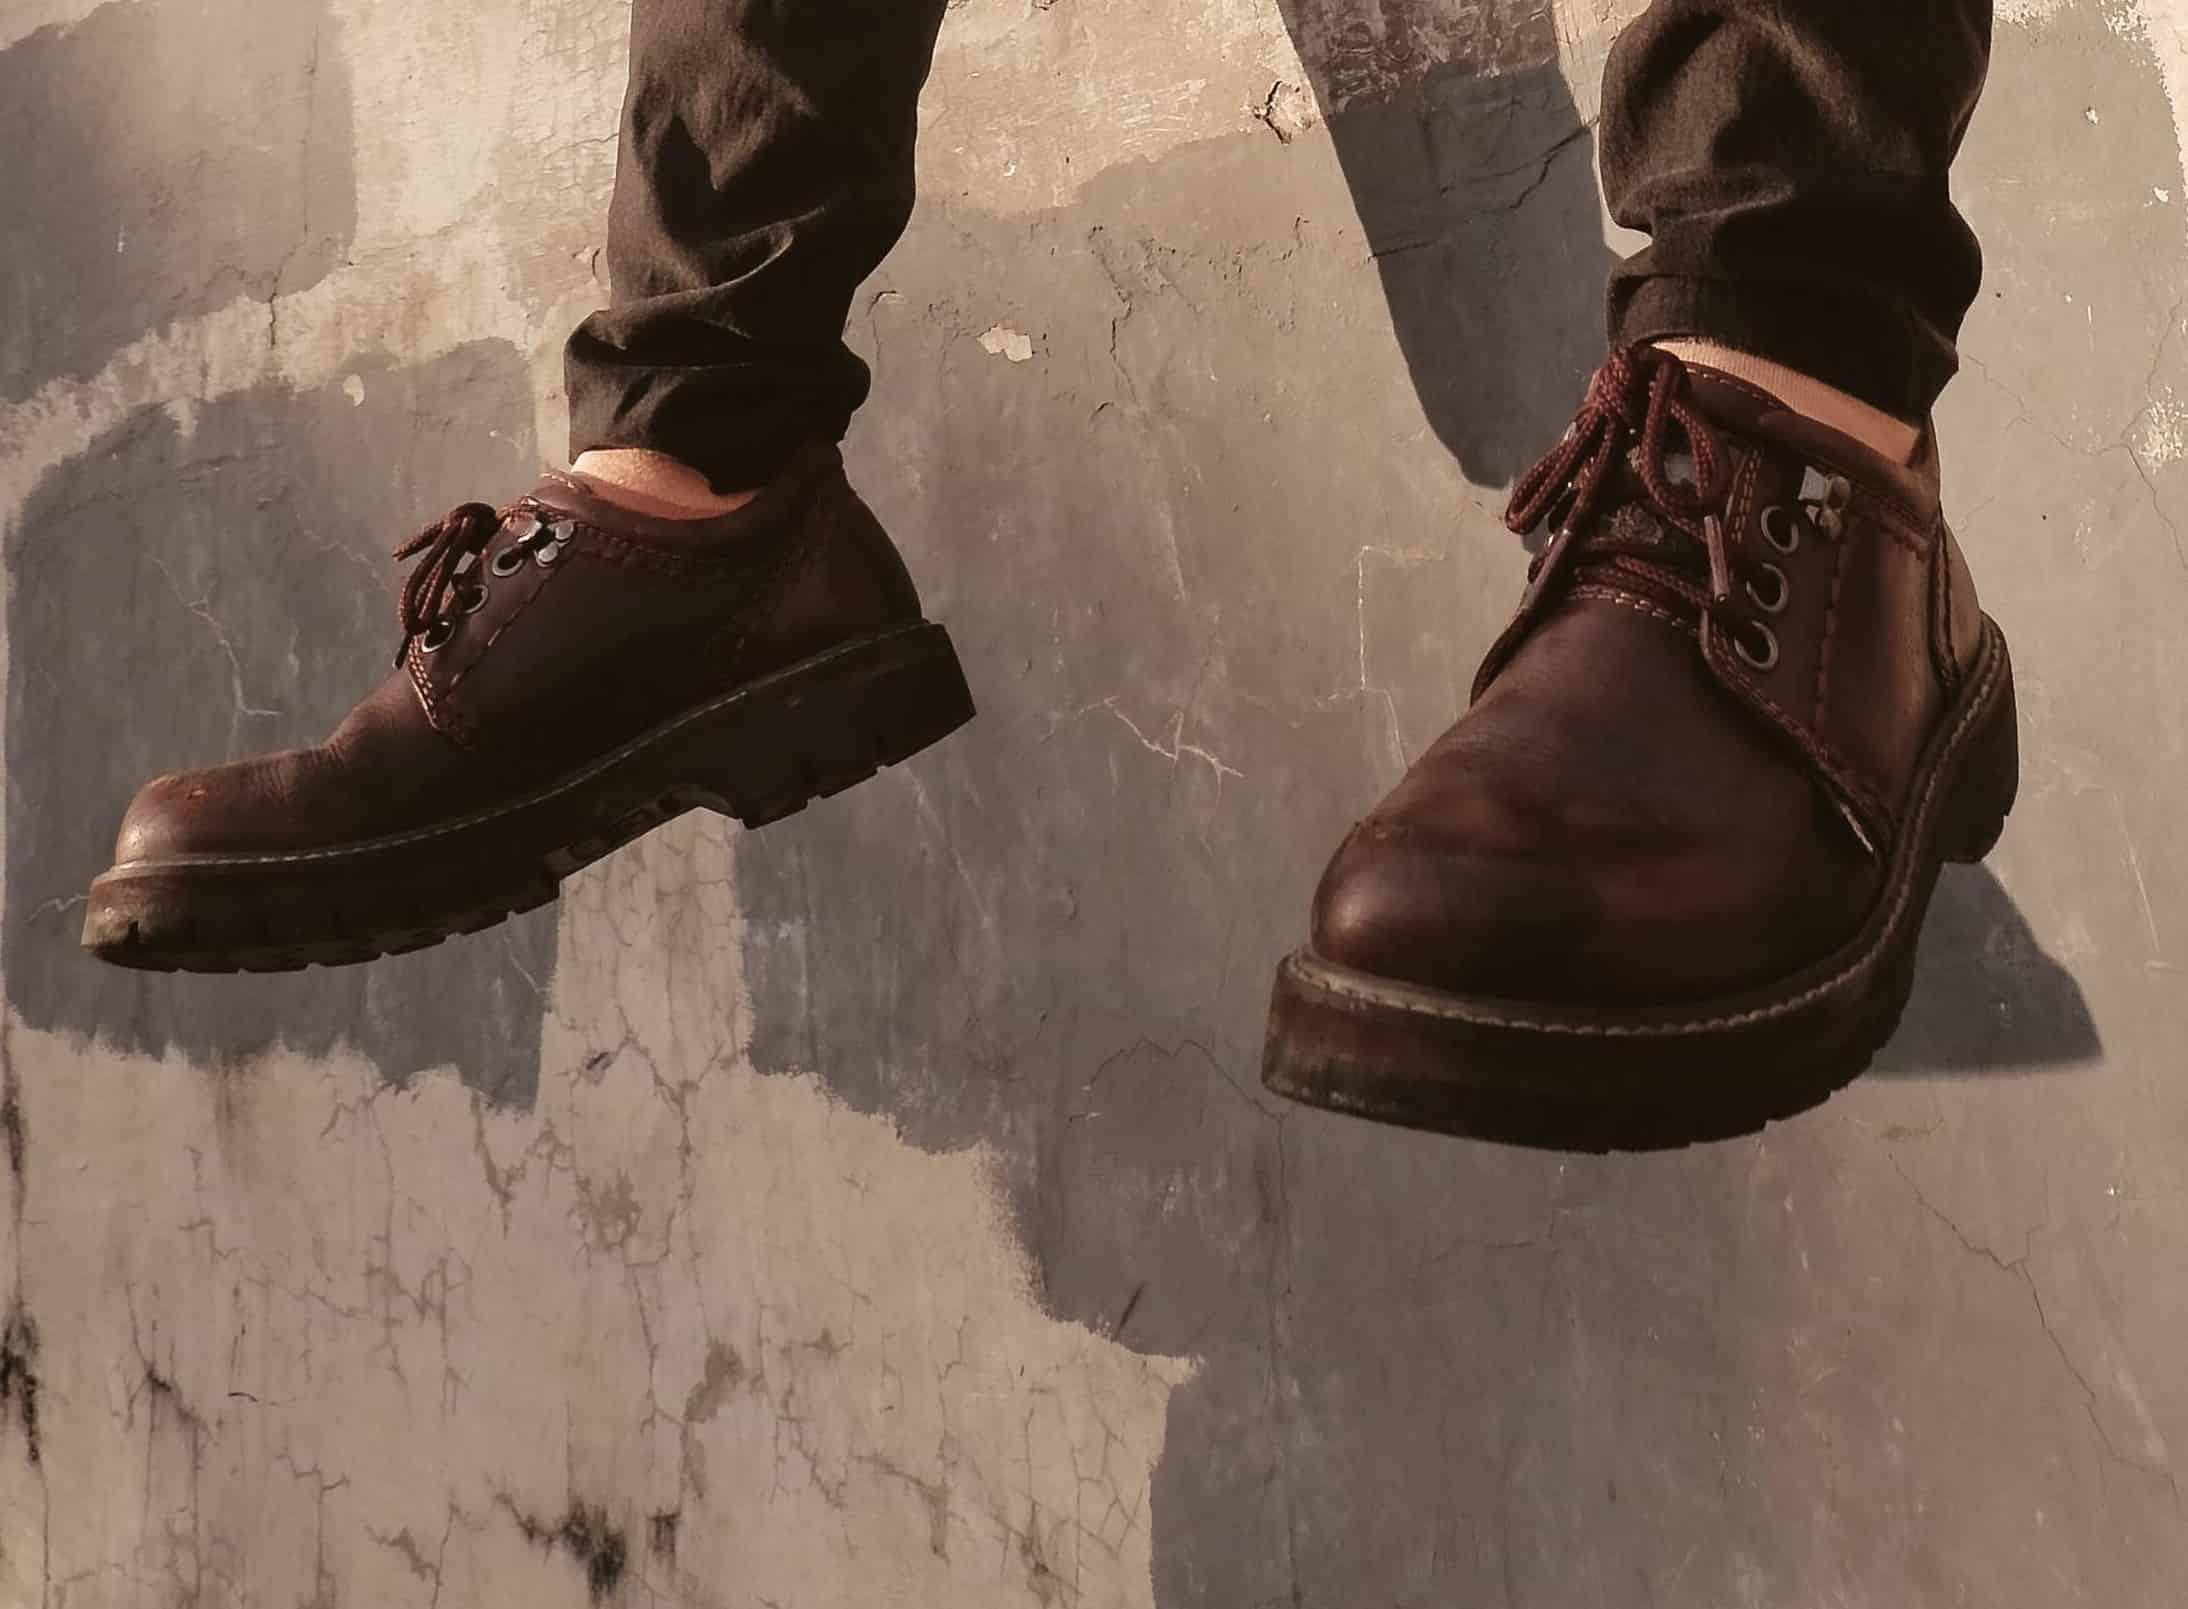 Pantofii casual sau sport sunt ideali pentru plimbarile in natura toamna